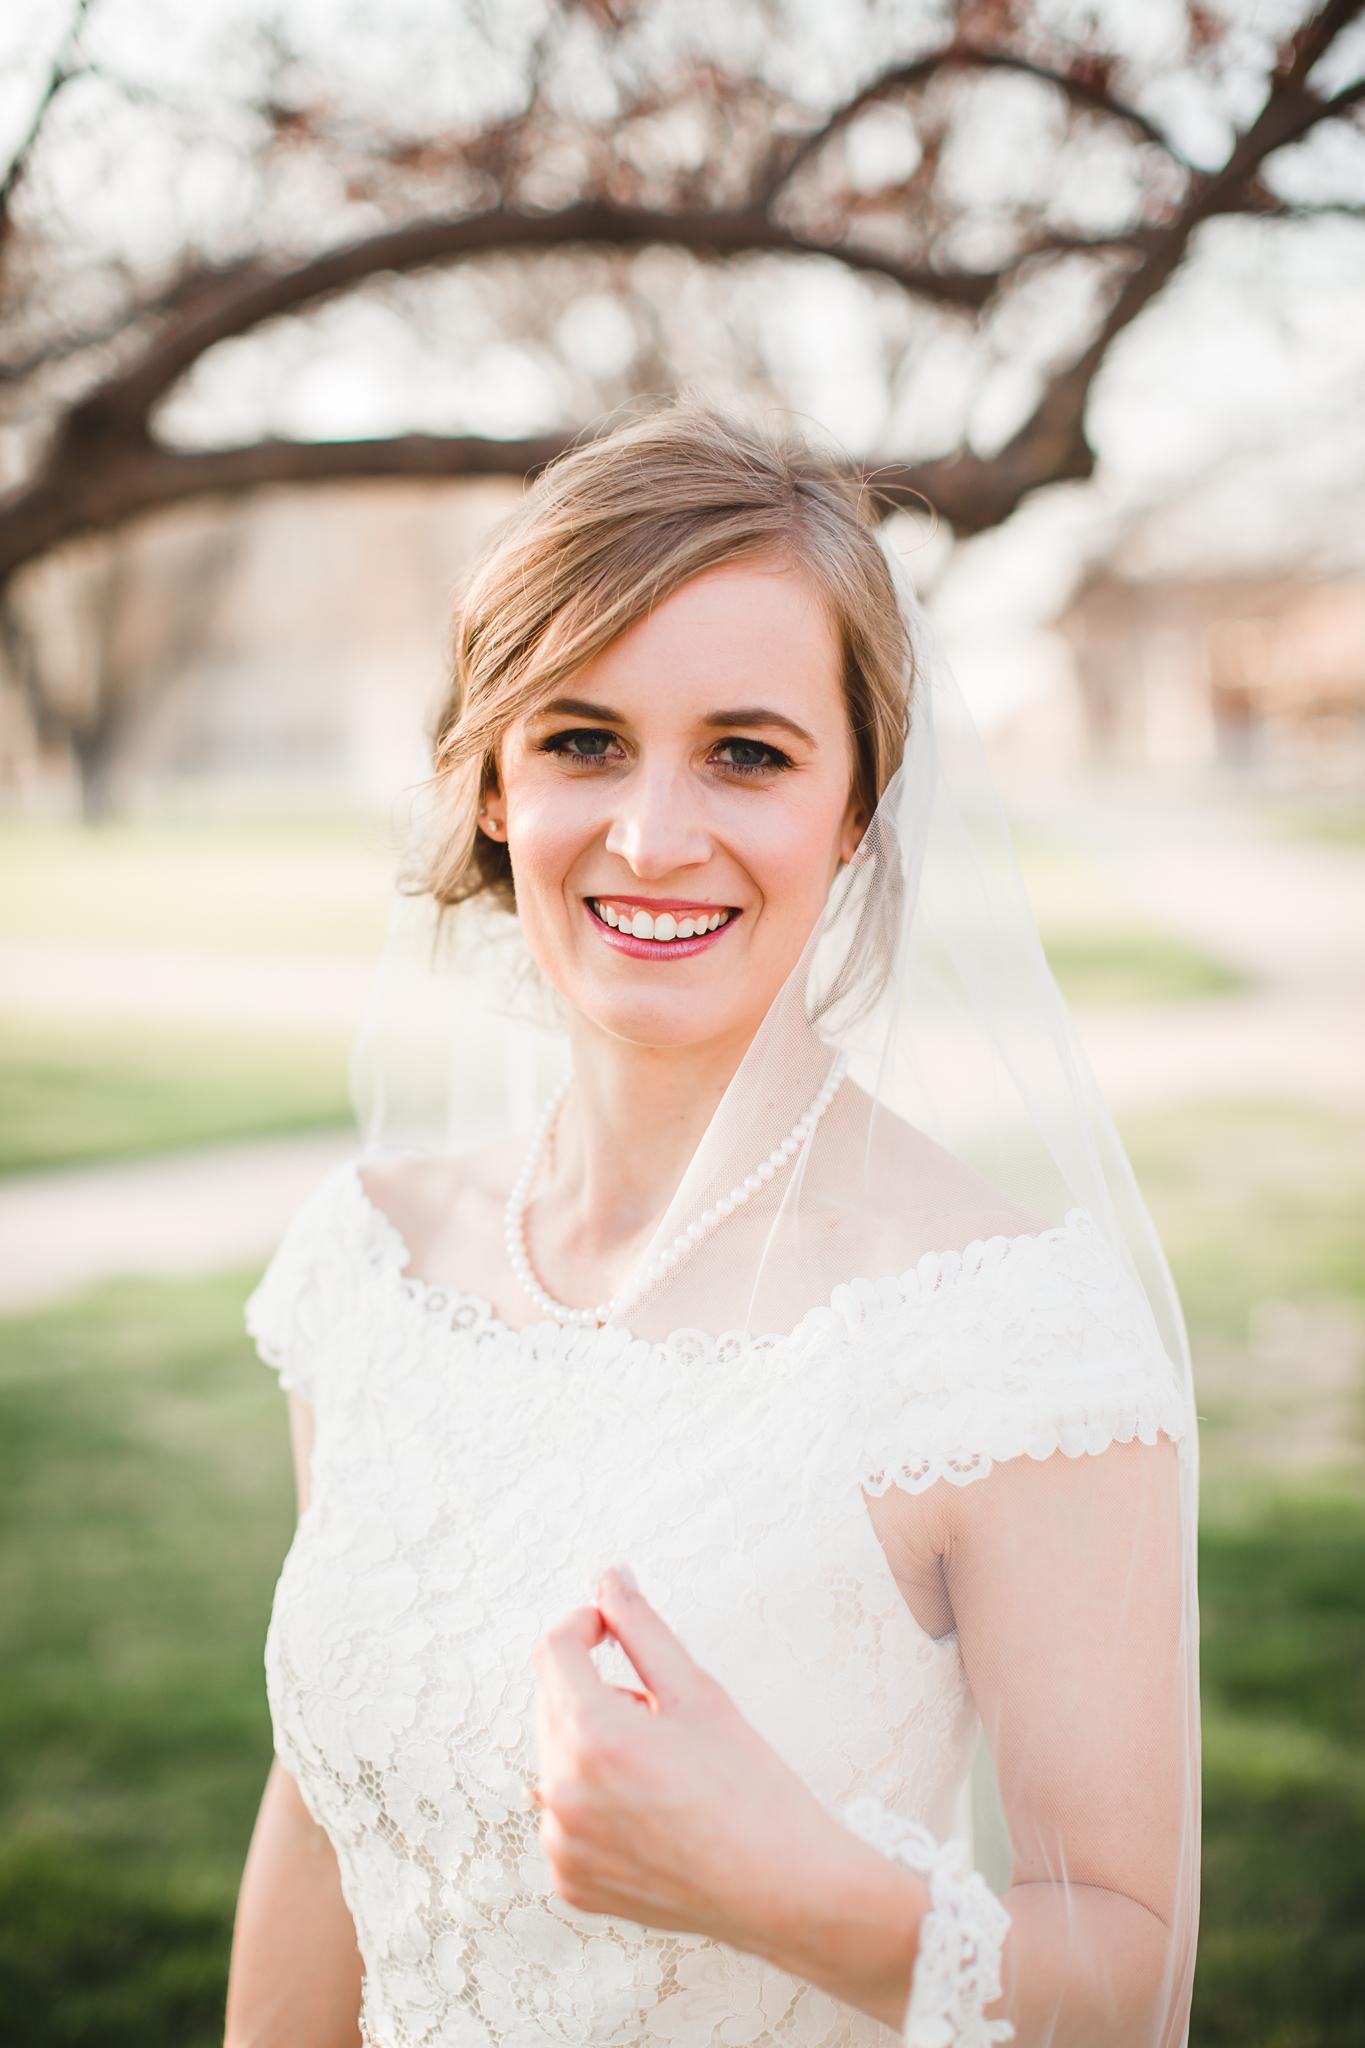 alyssa bridal blog-13.jpg